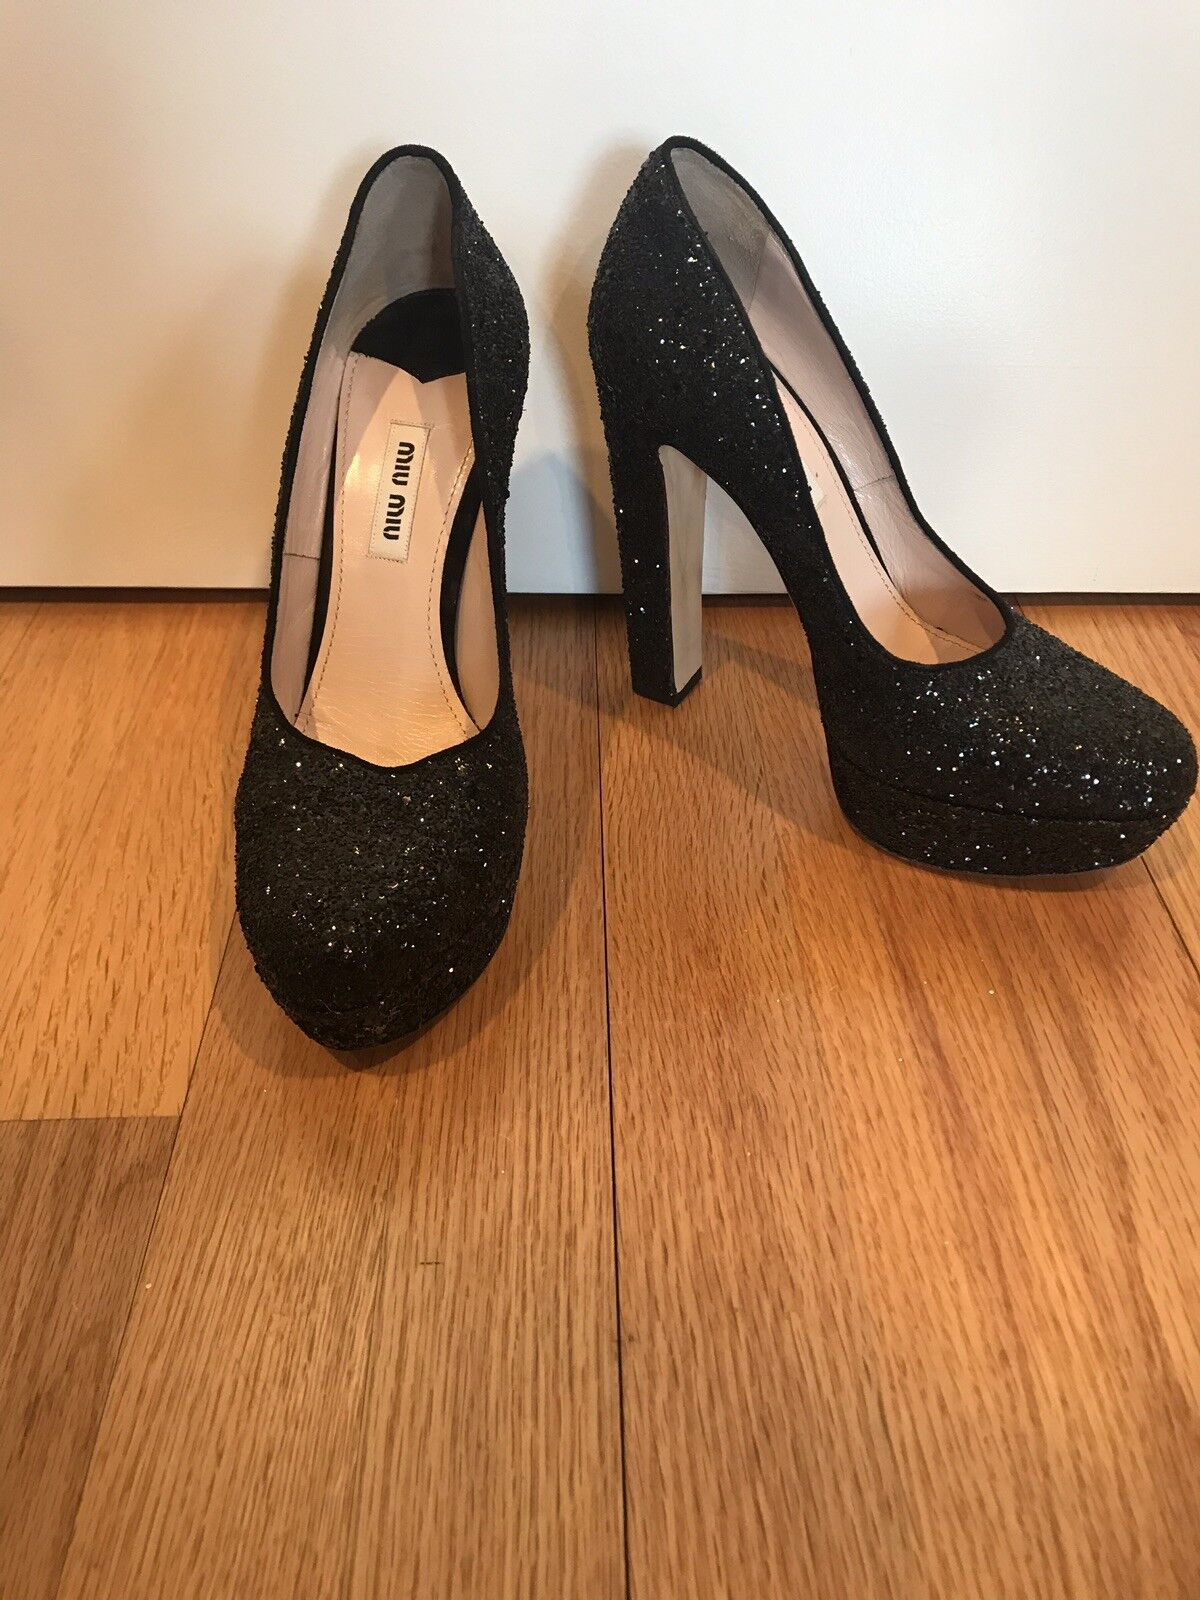 Miu Miu Black Glitter Sexy shoes 38